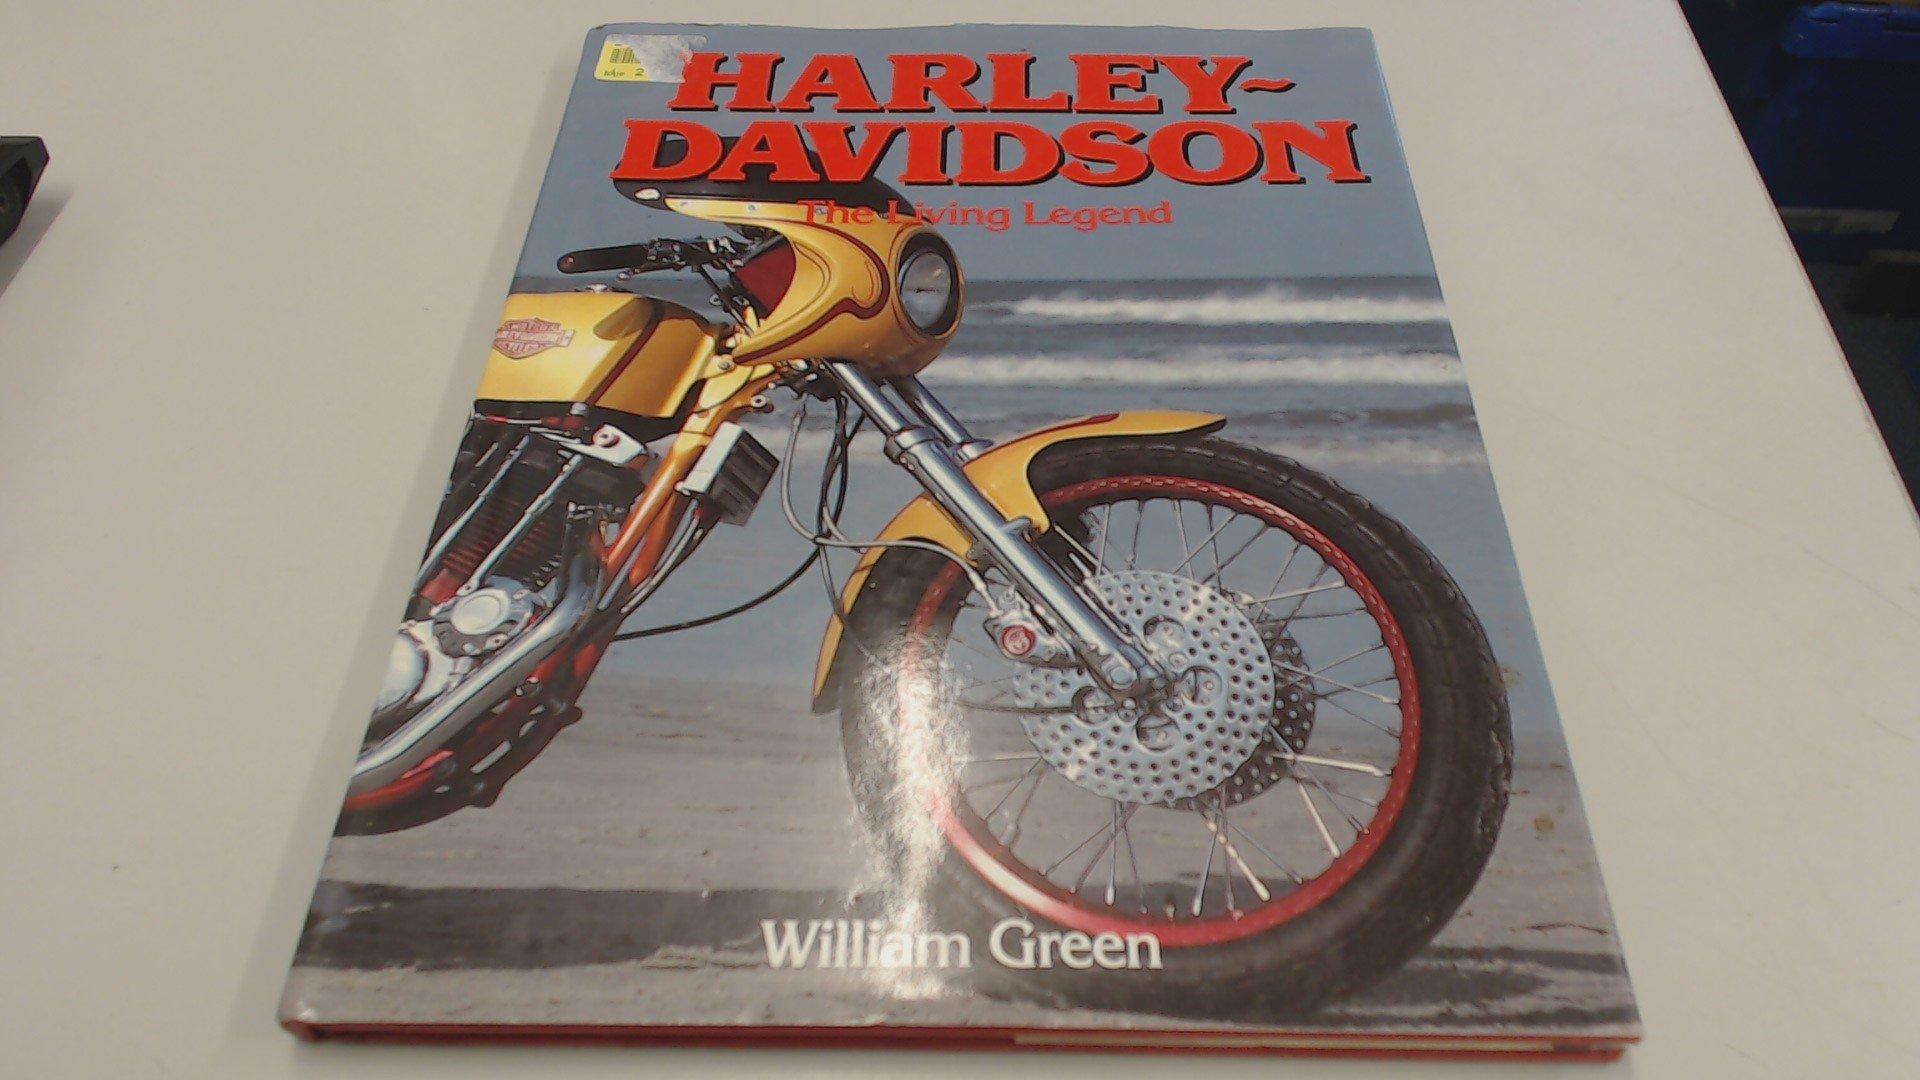 Harley Davidson the Living Legend